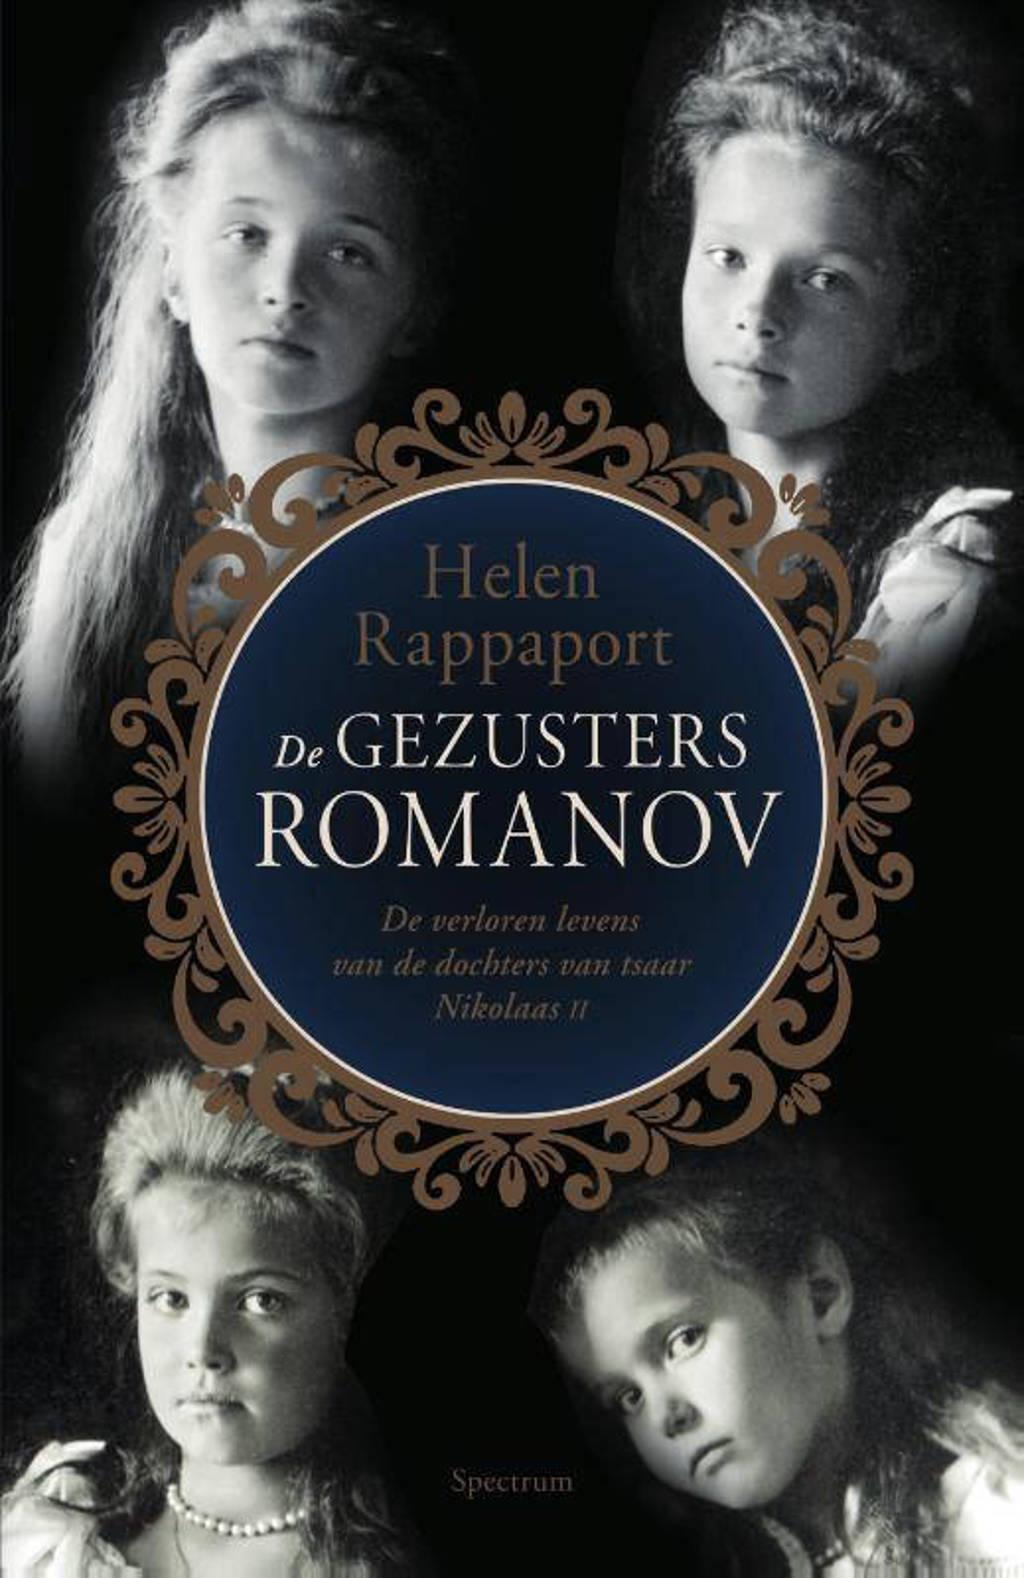 De gezusters Romanov - Helen Rappaport